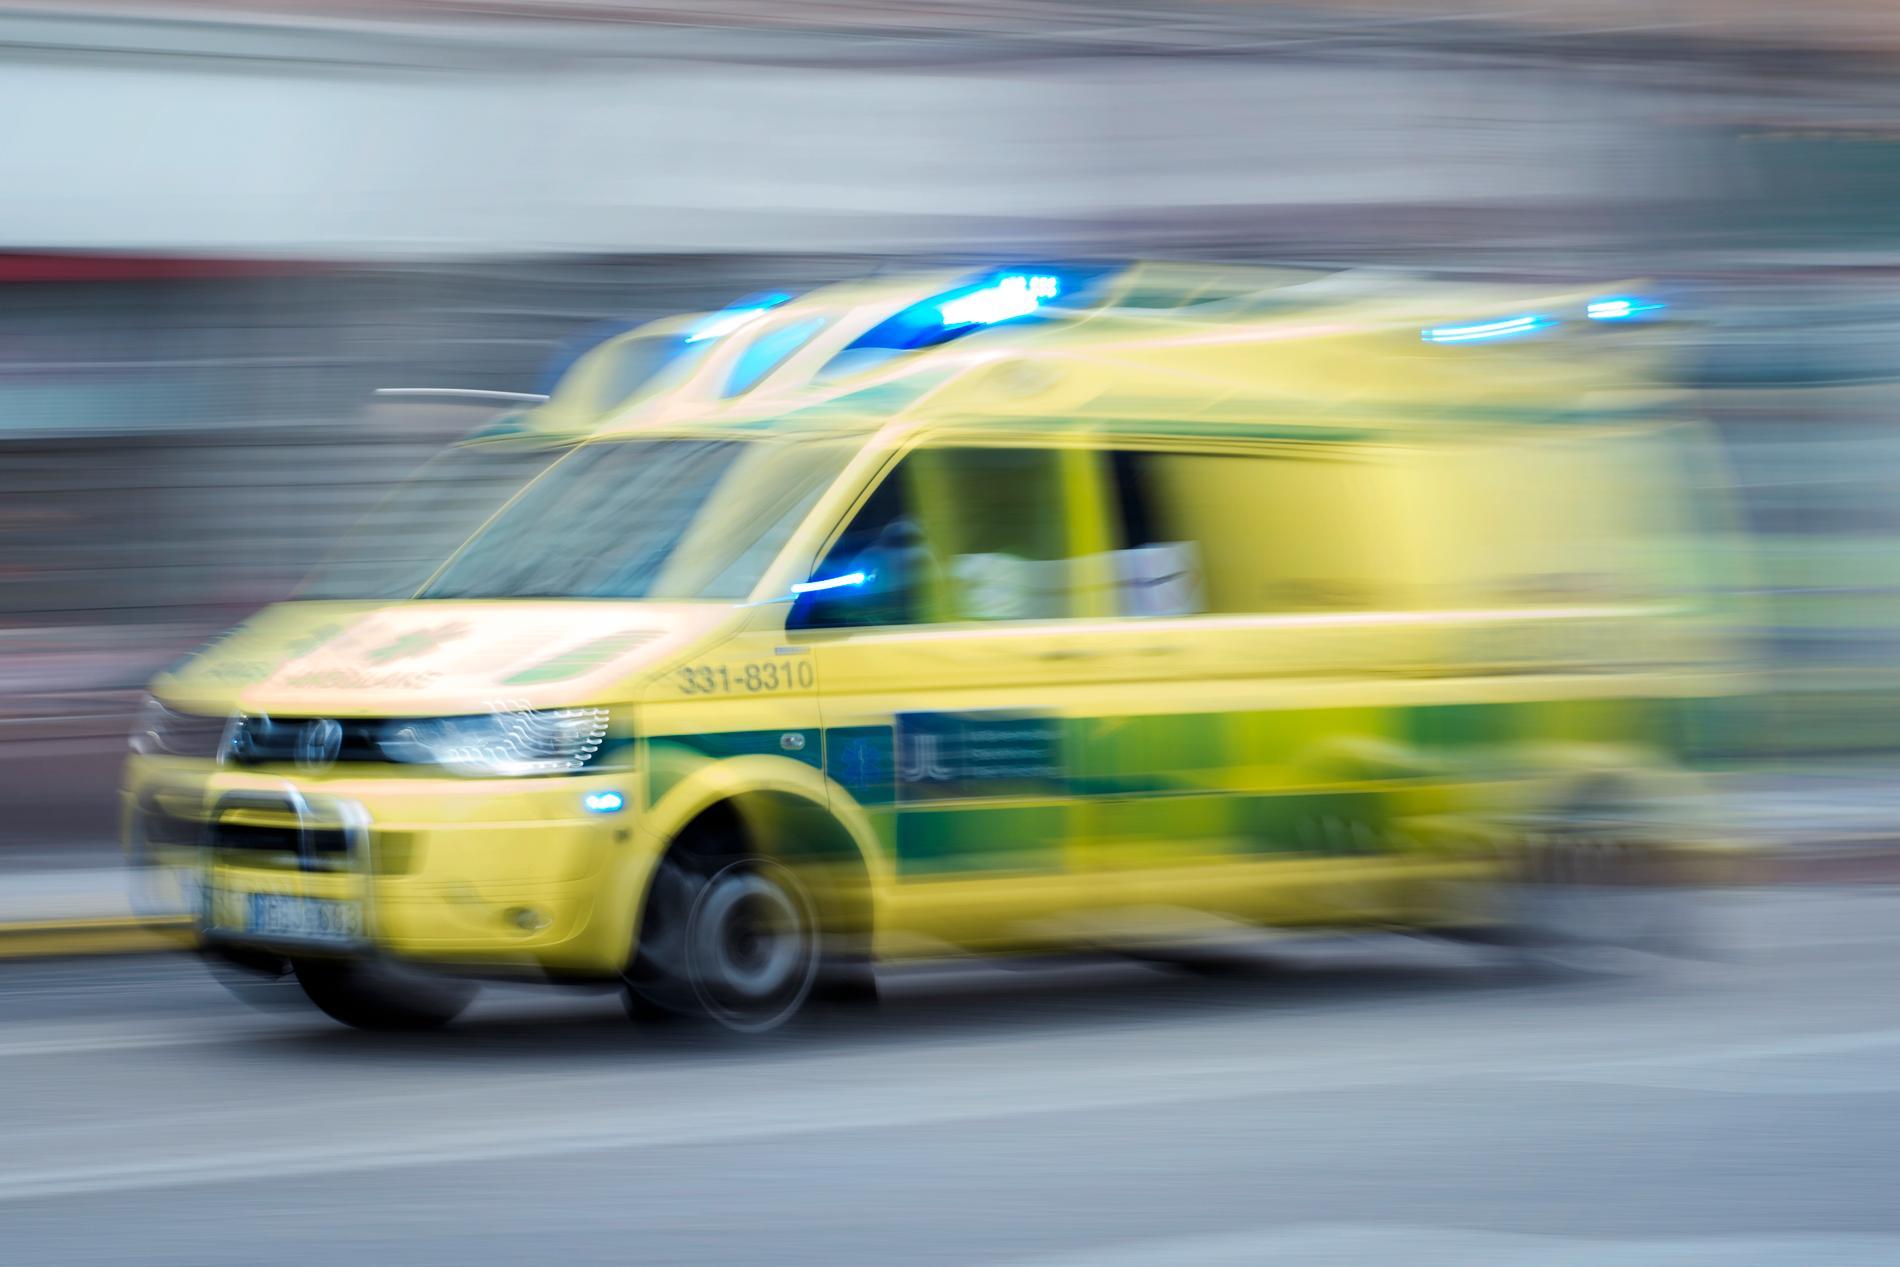 En kvinna skadades så svårt i en olycka i ett stall så att hon senare avled av sina skador. Arkivbild.